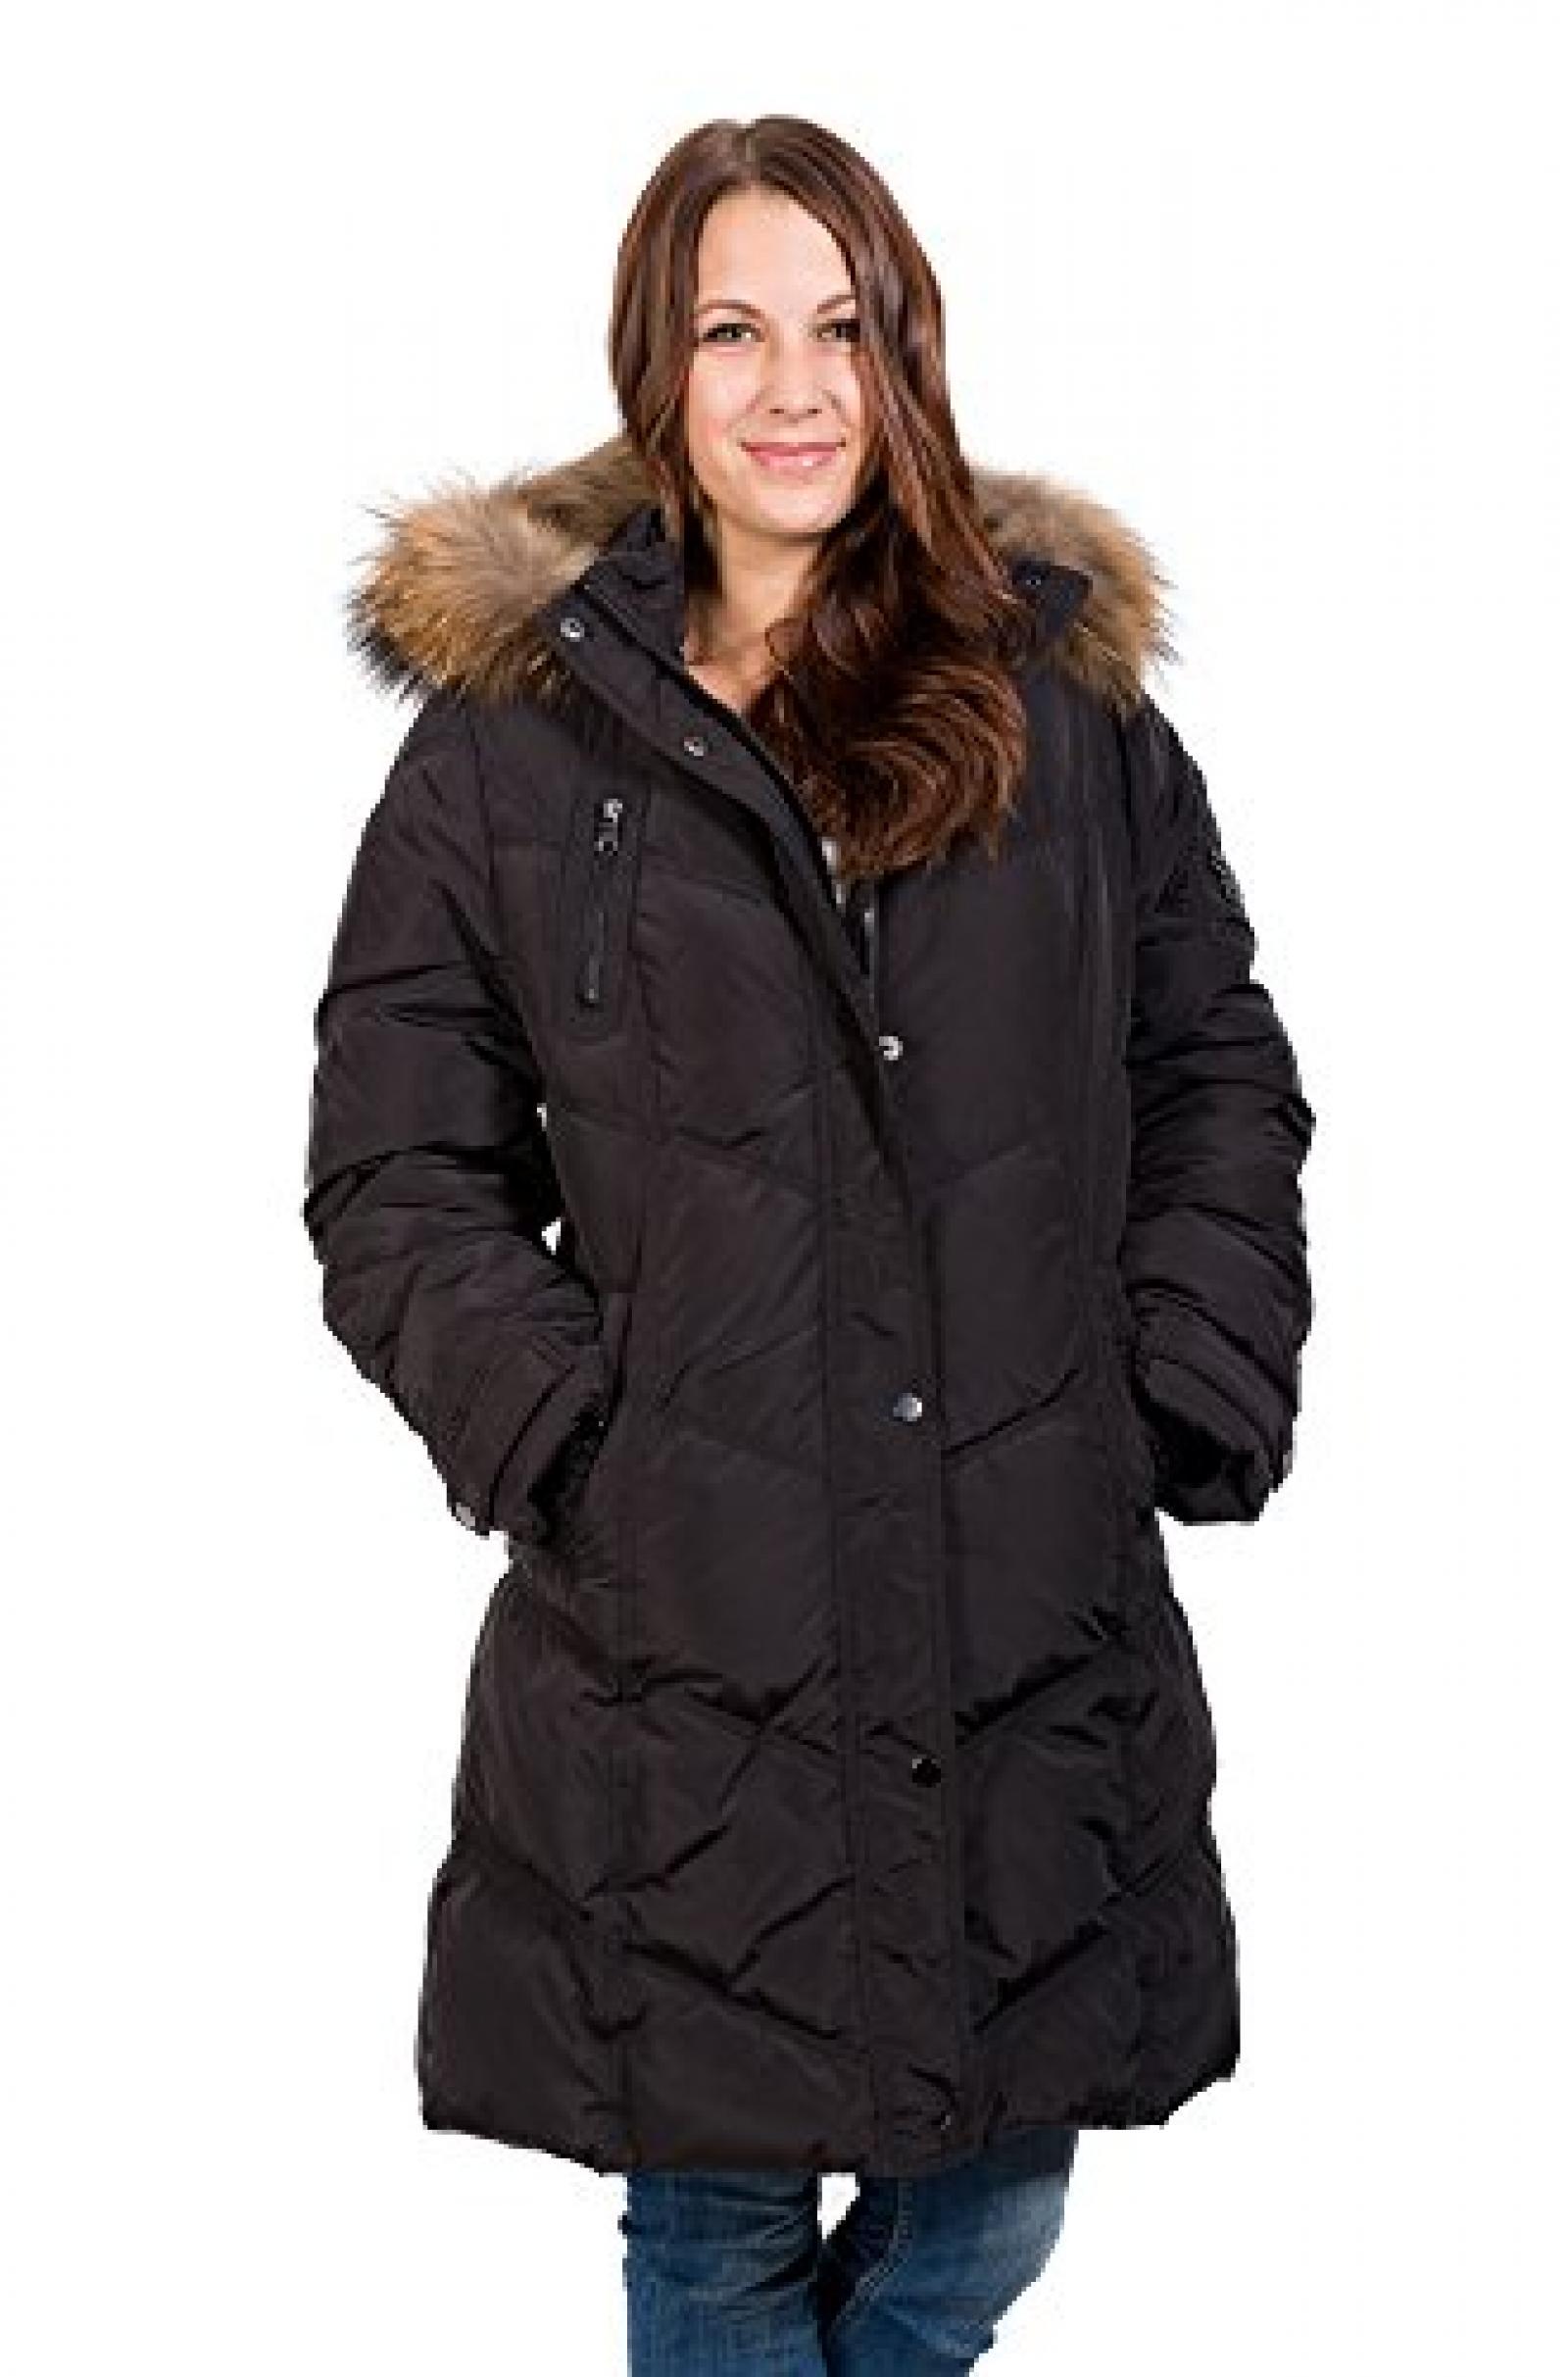 Tolle warme Daunenjacke mit Fellkragen von Saki in cooler Form Farbe black